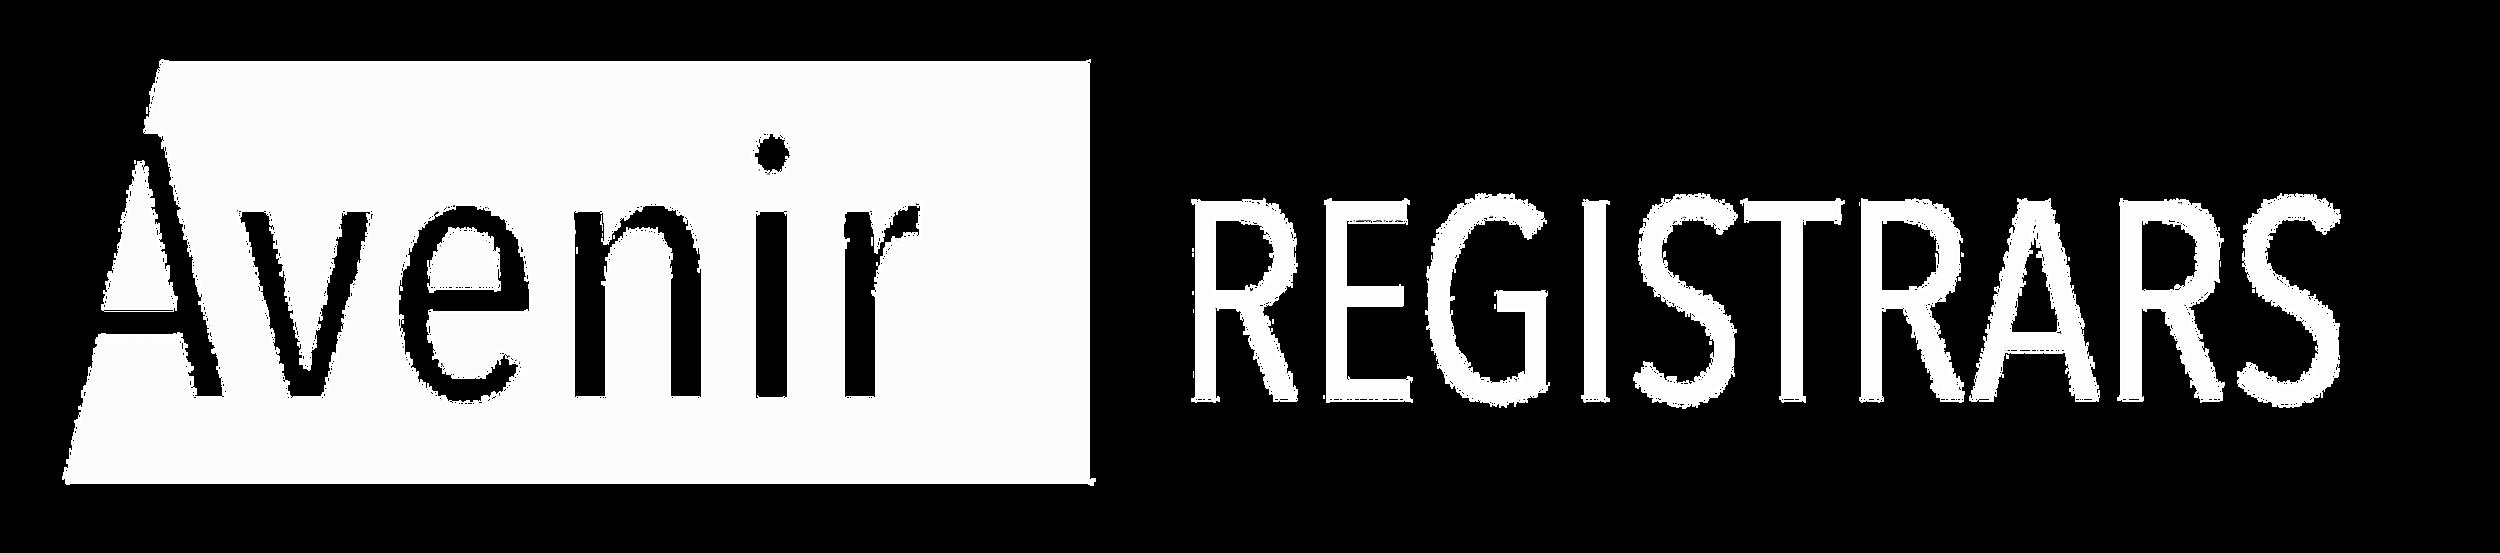 Avenir_RZ_Logo_Registrars_white.png